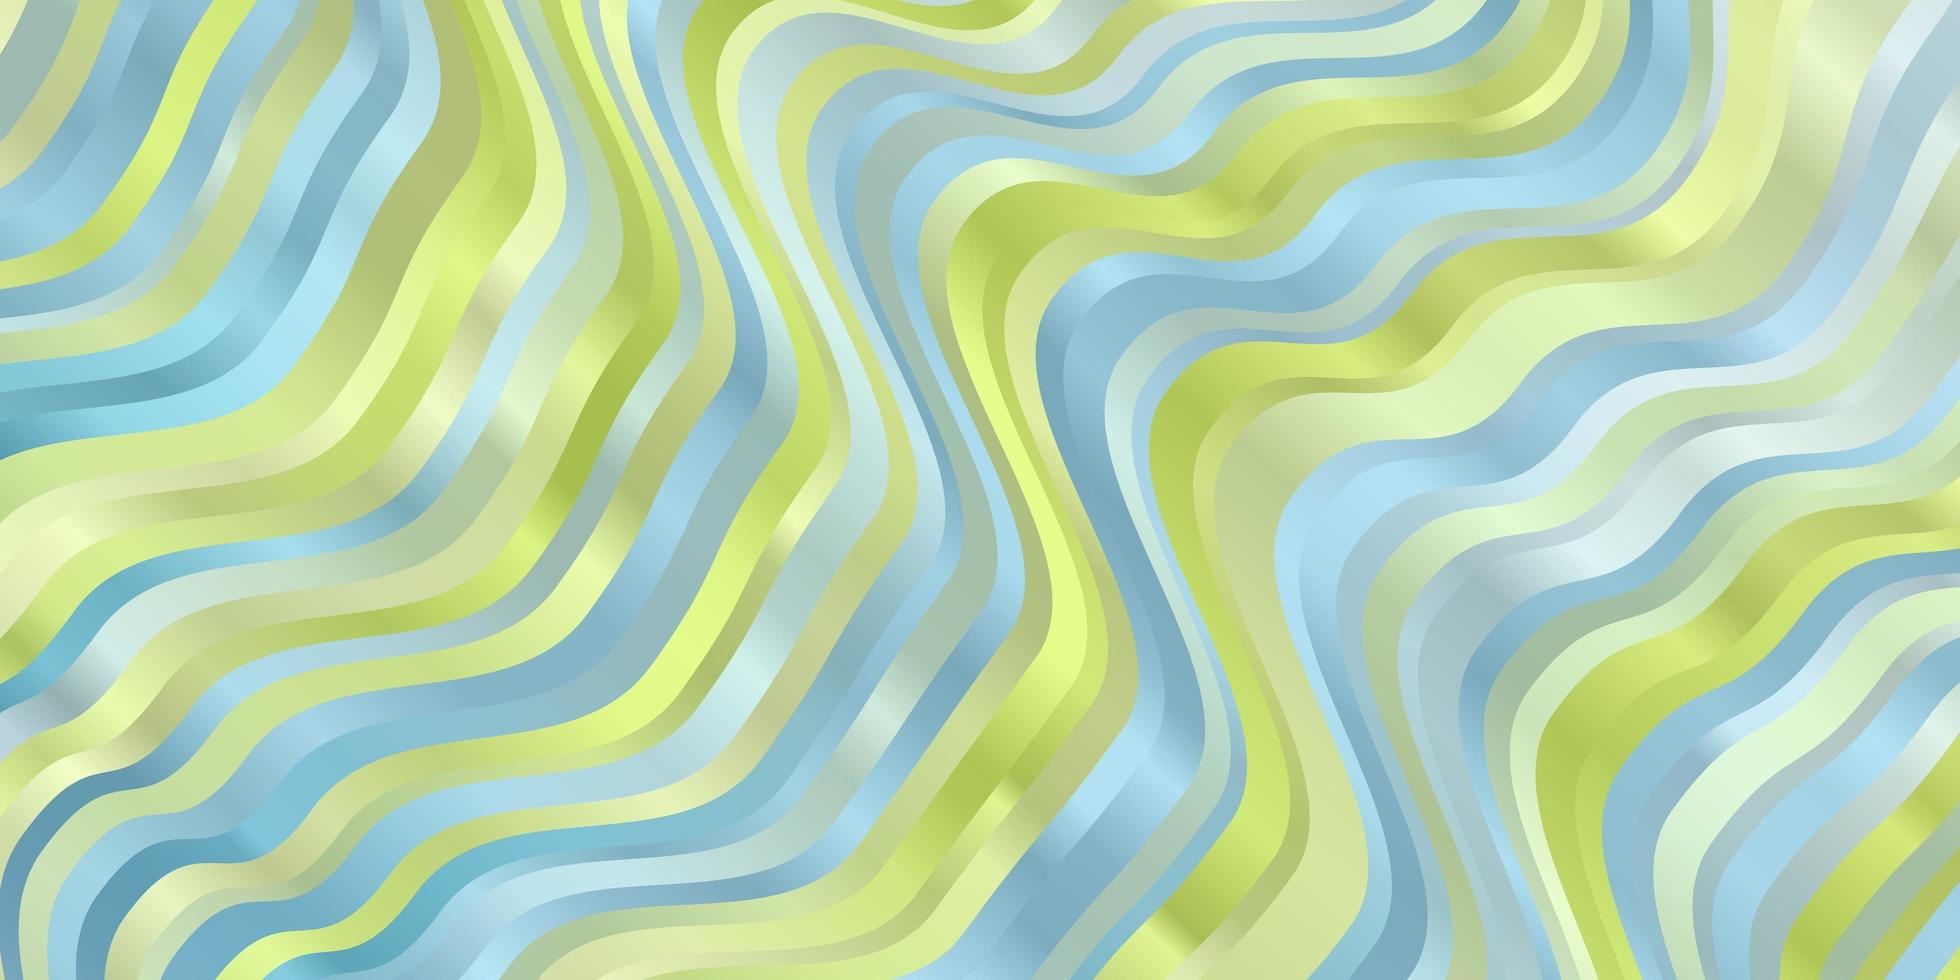 sfondo azzurro e verde con curve. vettore